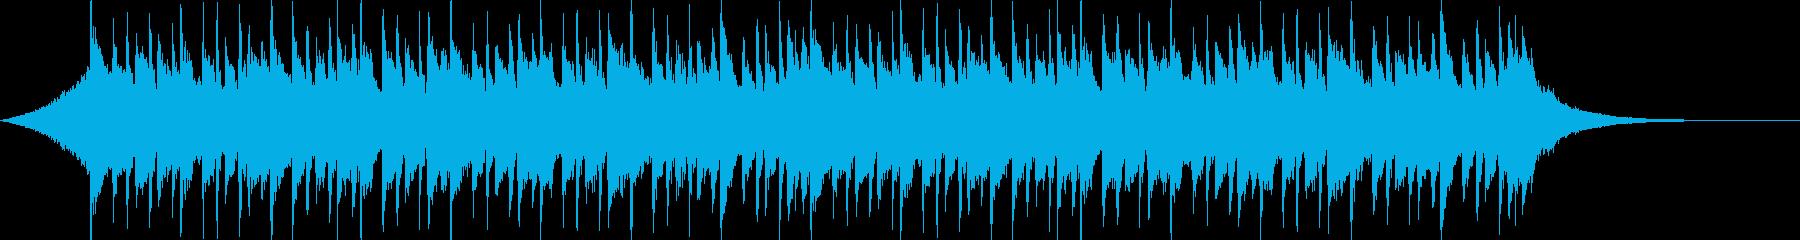 CMや映像、ウクレレ、ハッピー、ポップcの再生済みの波形